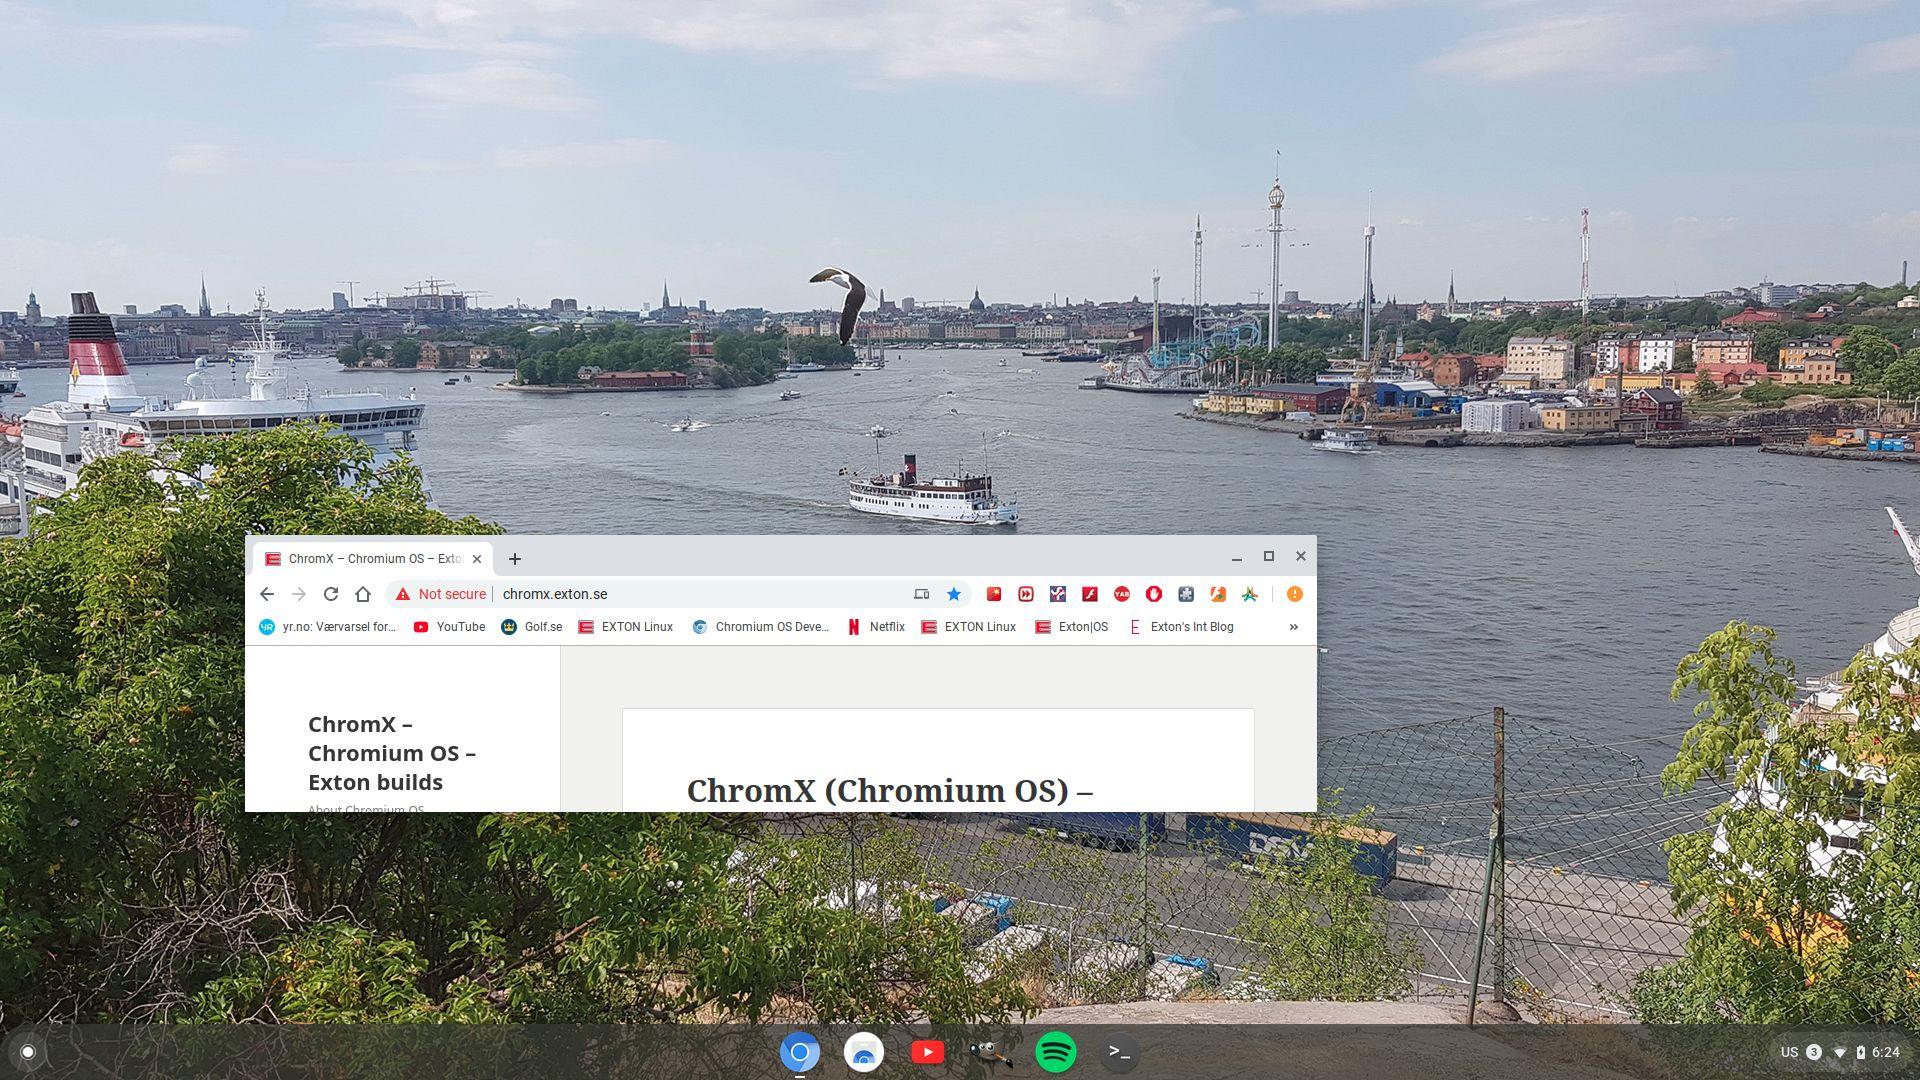 ChromX – Chromium OS – Exton builds – About Chromium OS